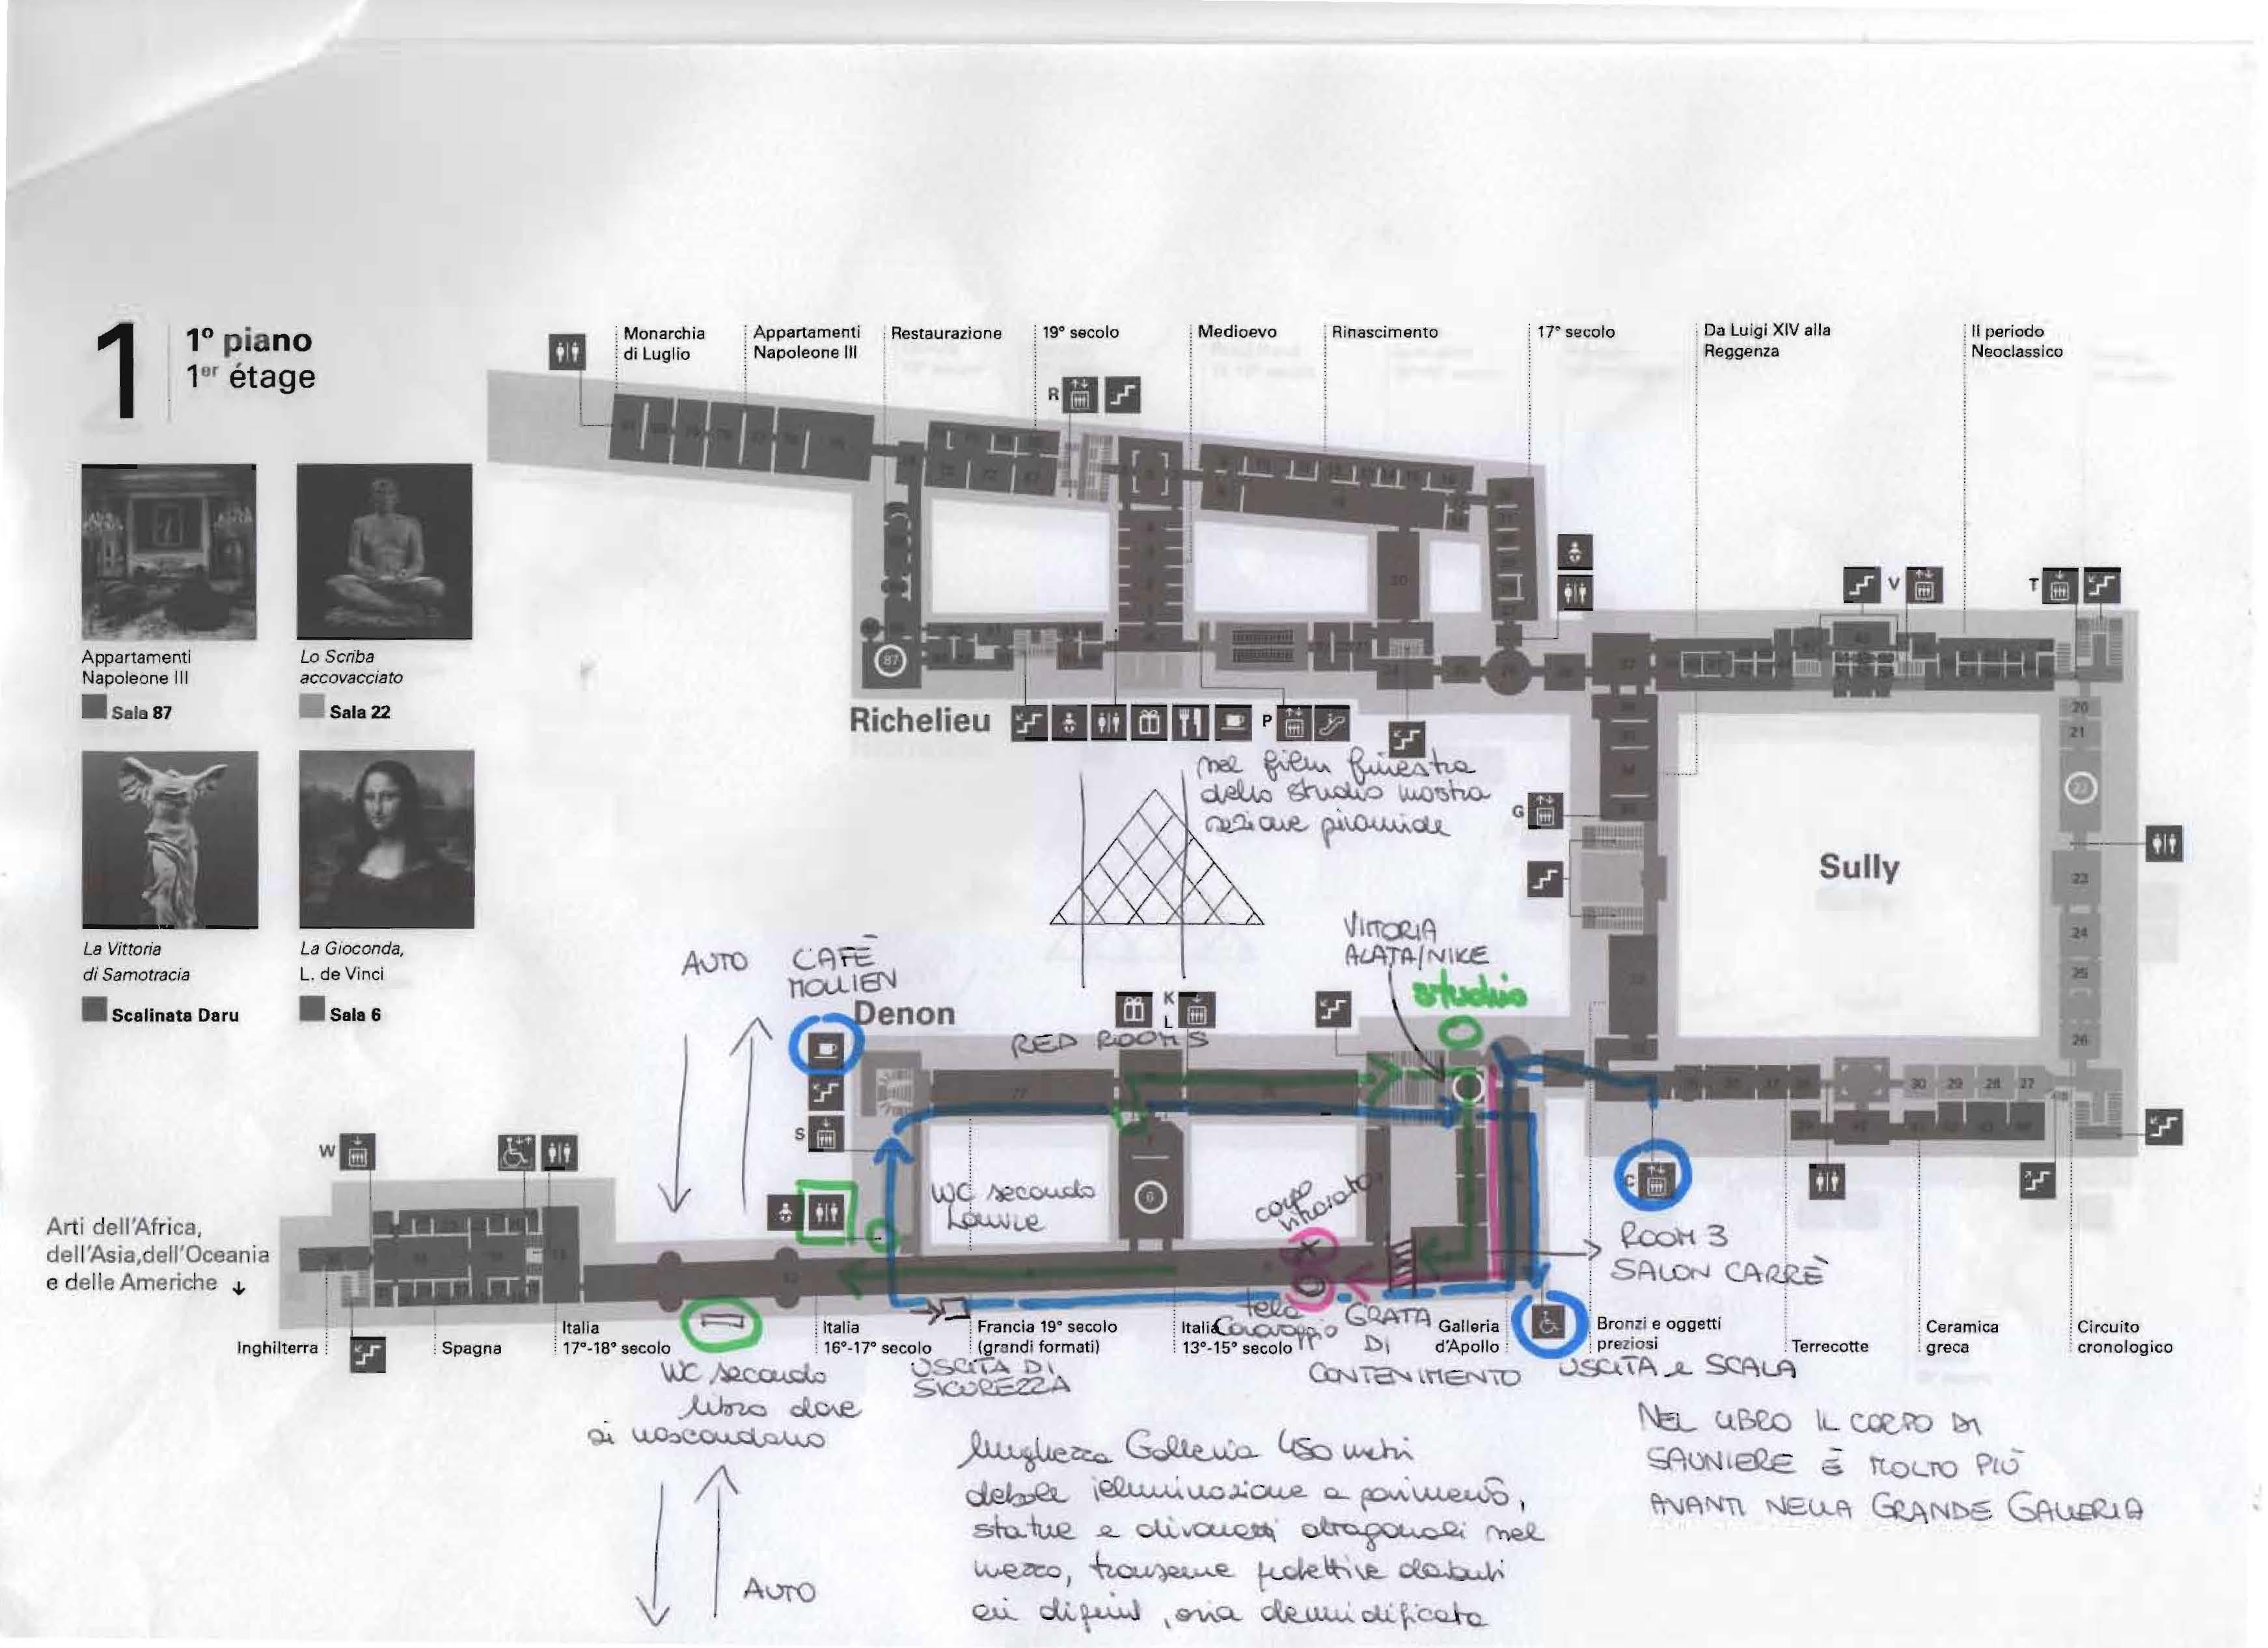 Il codice Pàtton - mappa del Louvre 5